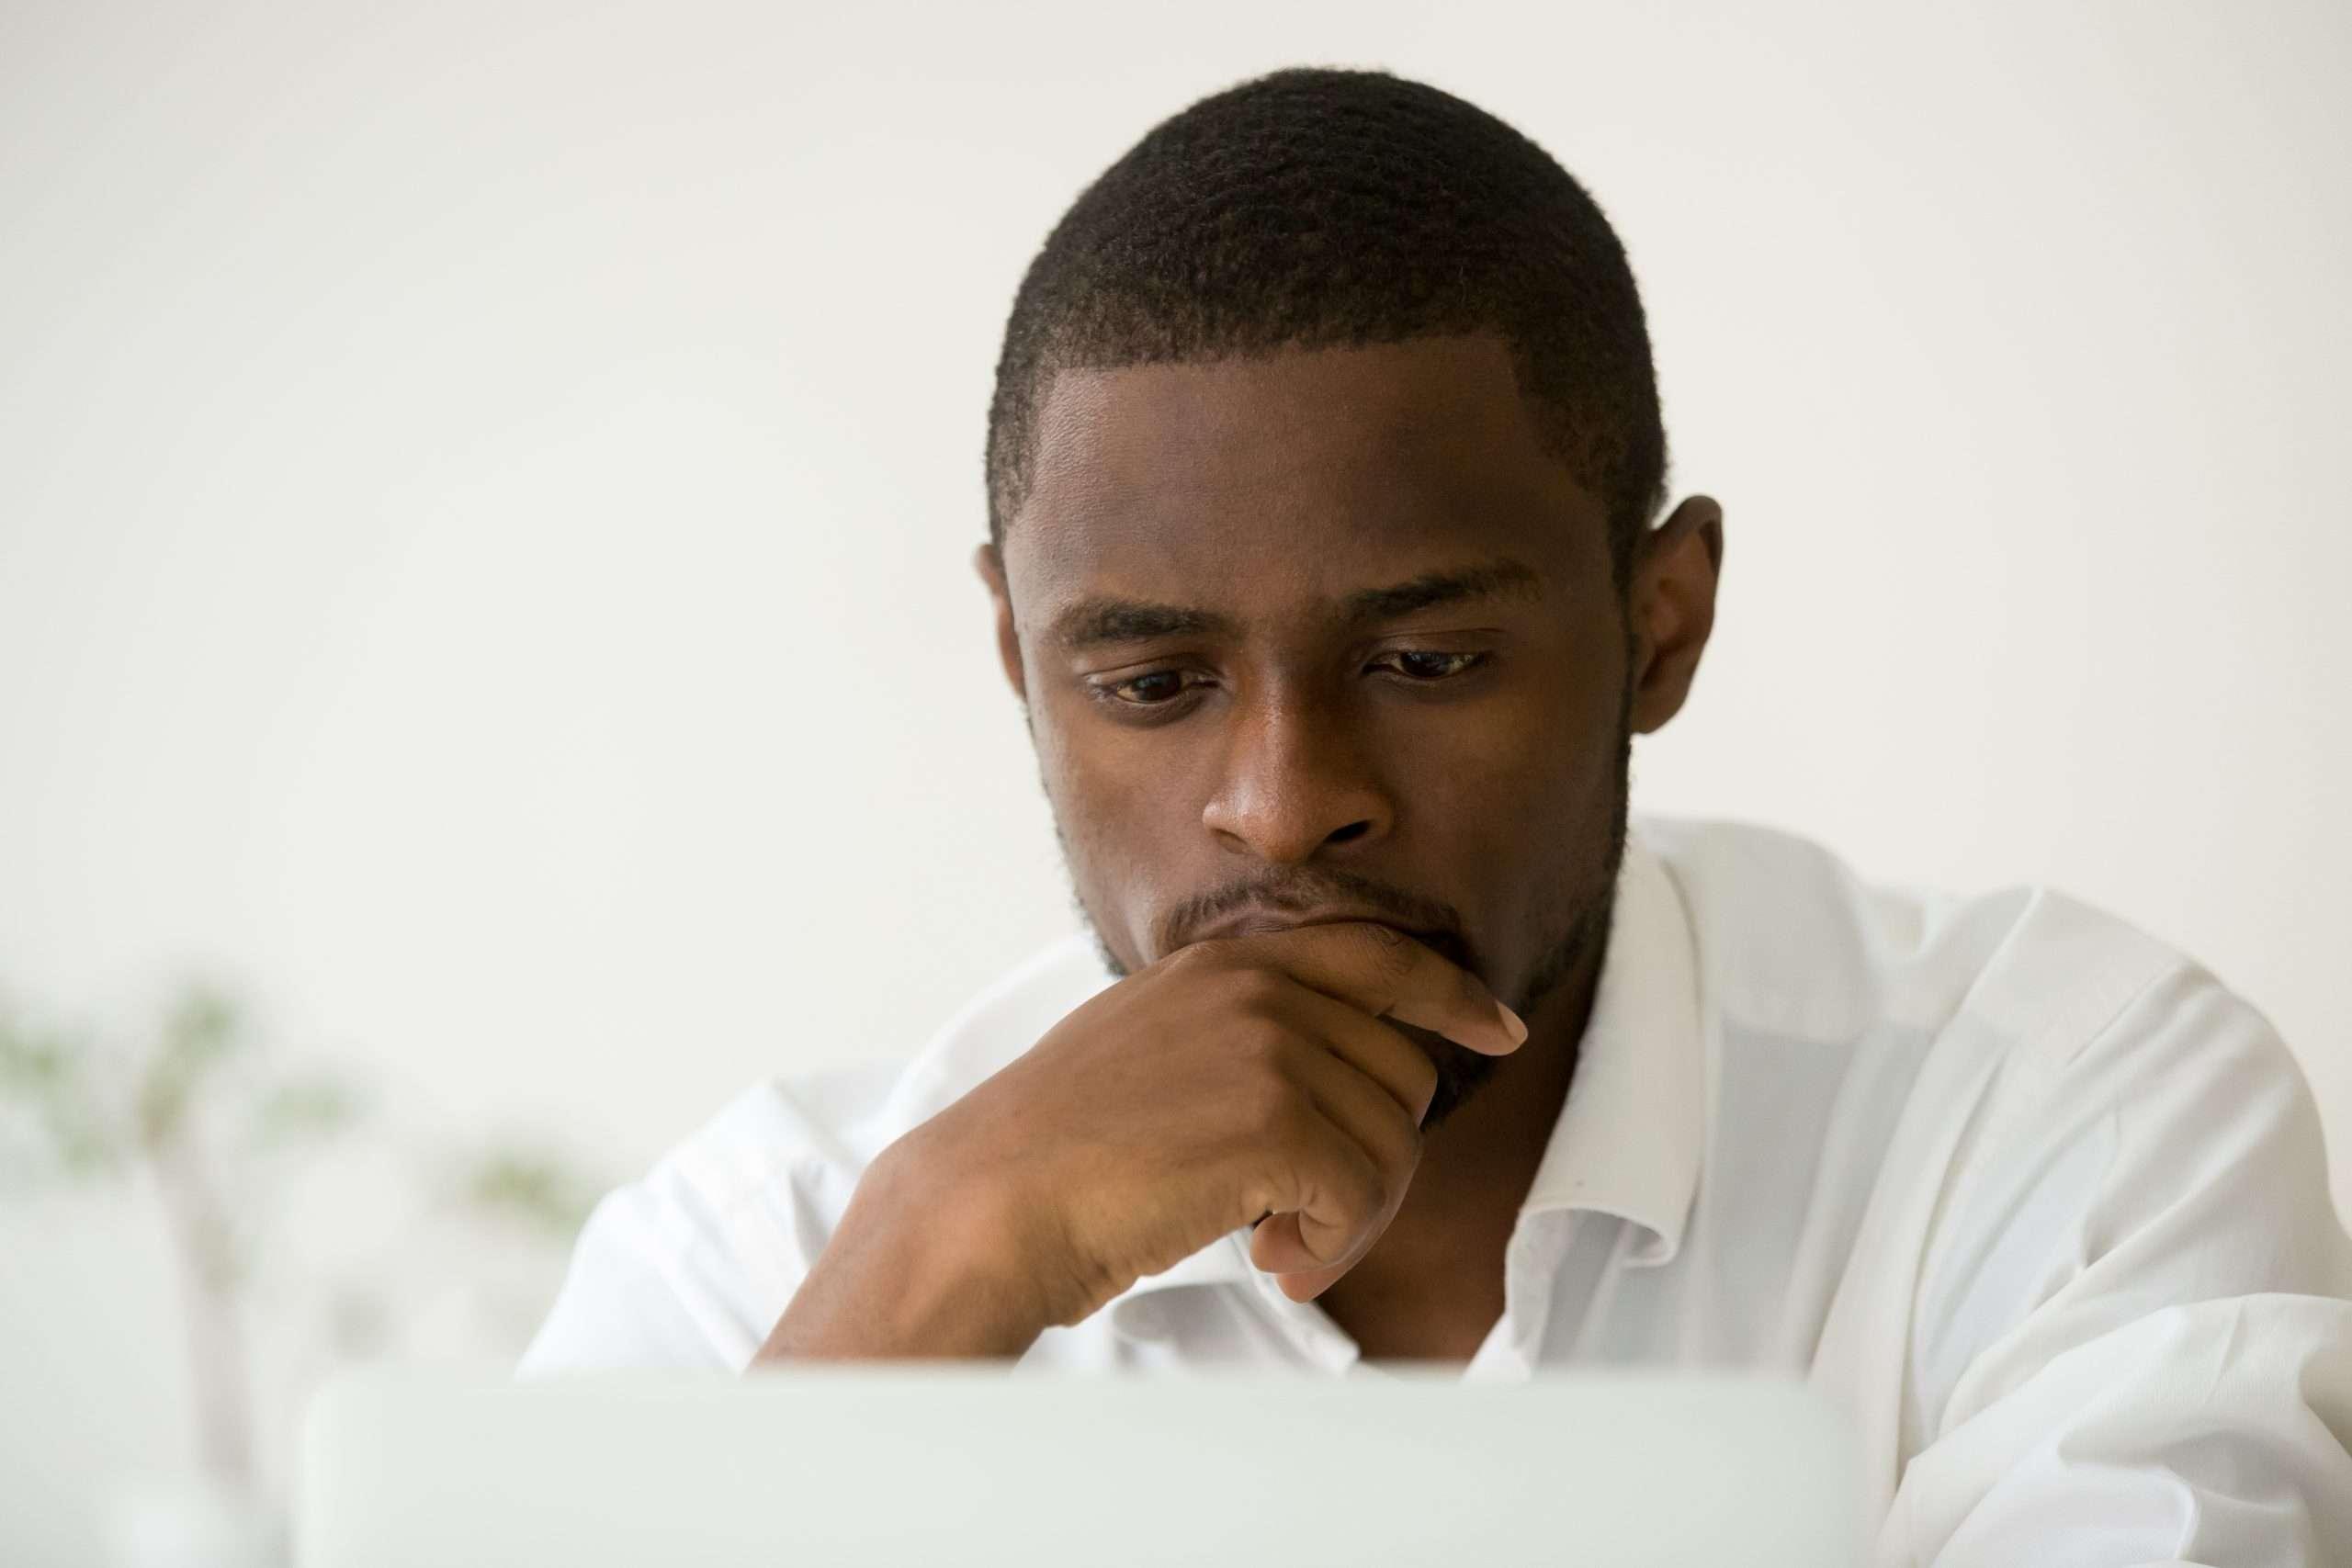 A manager prepares to respond to web reviews